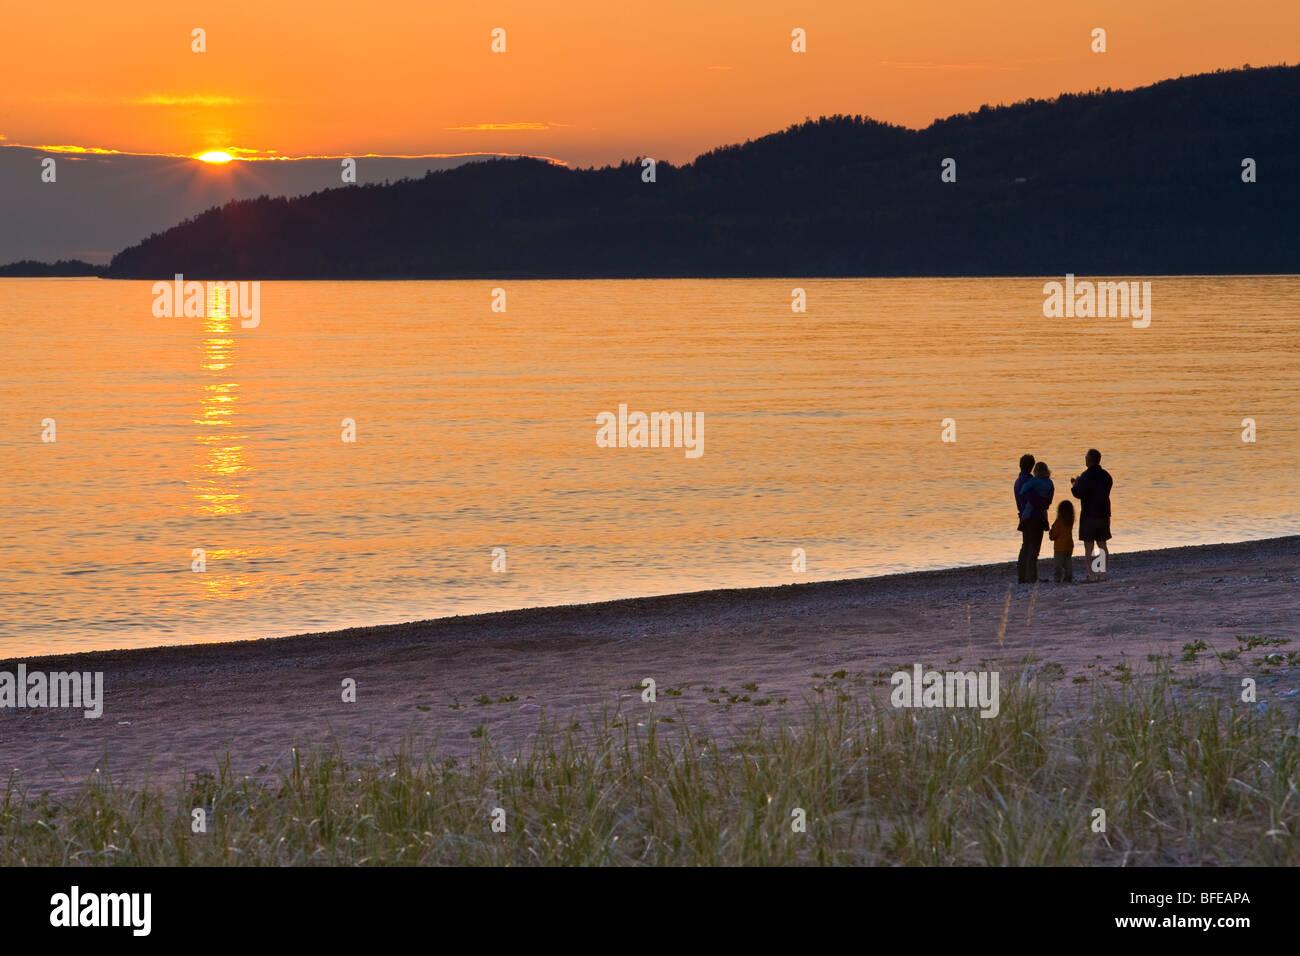 Family walking along the beach at Agawa Bay at sunset, Lake Superior, Lake Superior Provincial Park, Ontario, Canada - Stock Image